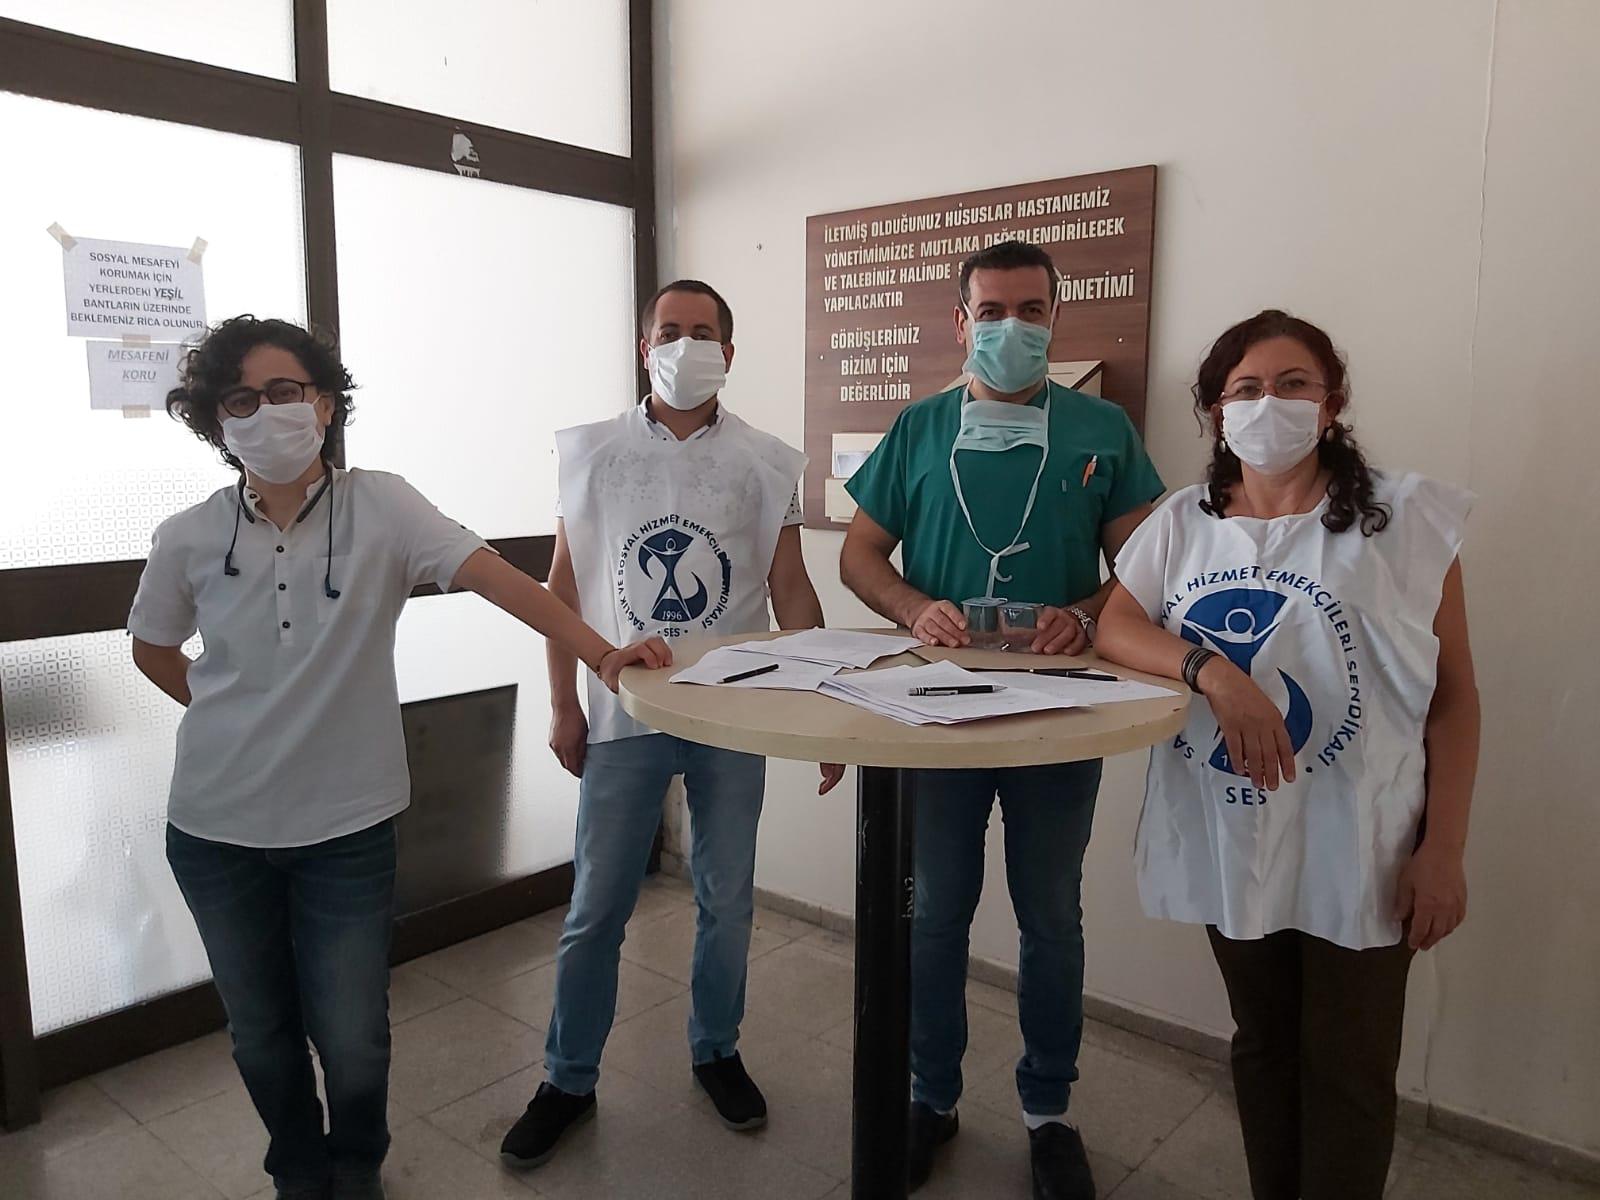 İzmir Şubemizden Temel Haklar ve Temel Ücret İçin İmza Kampanyası